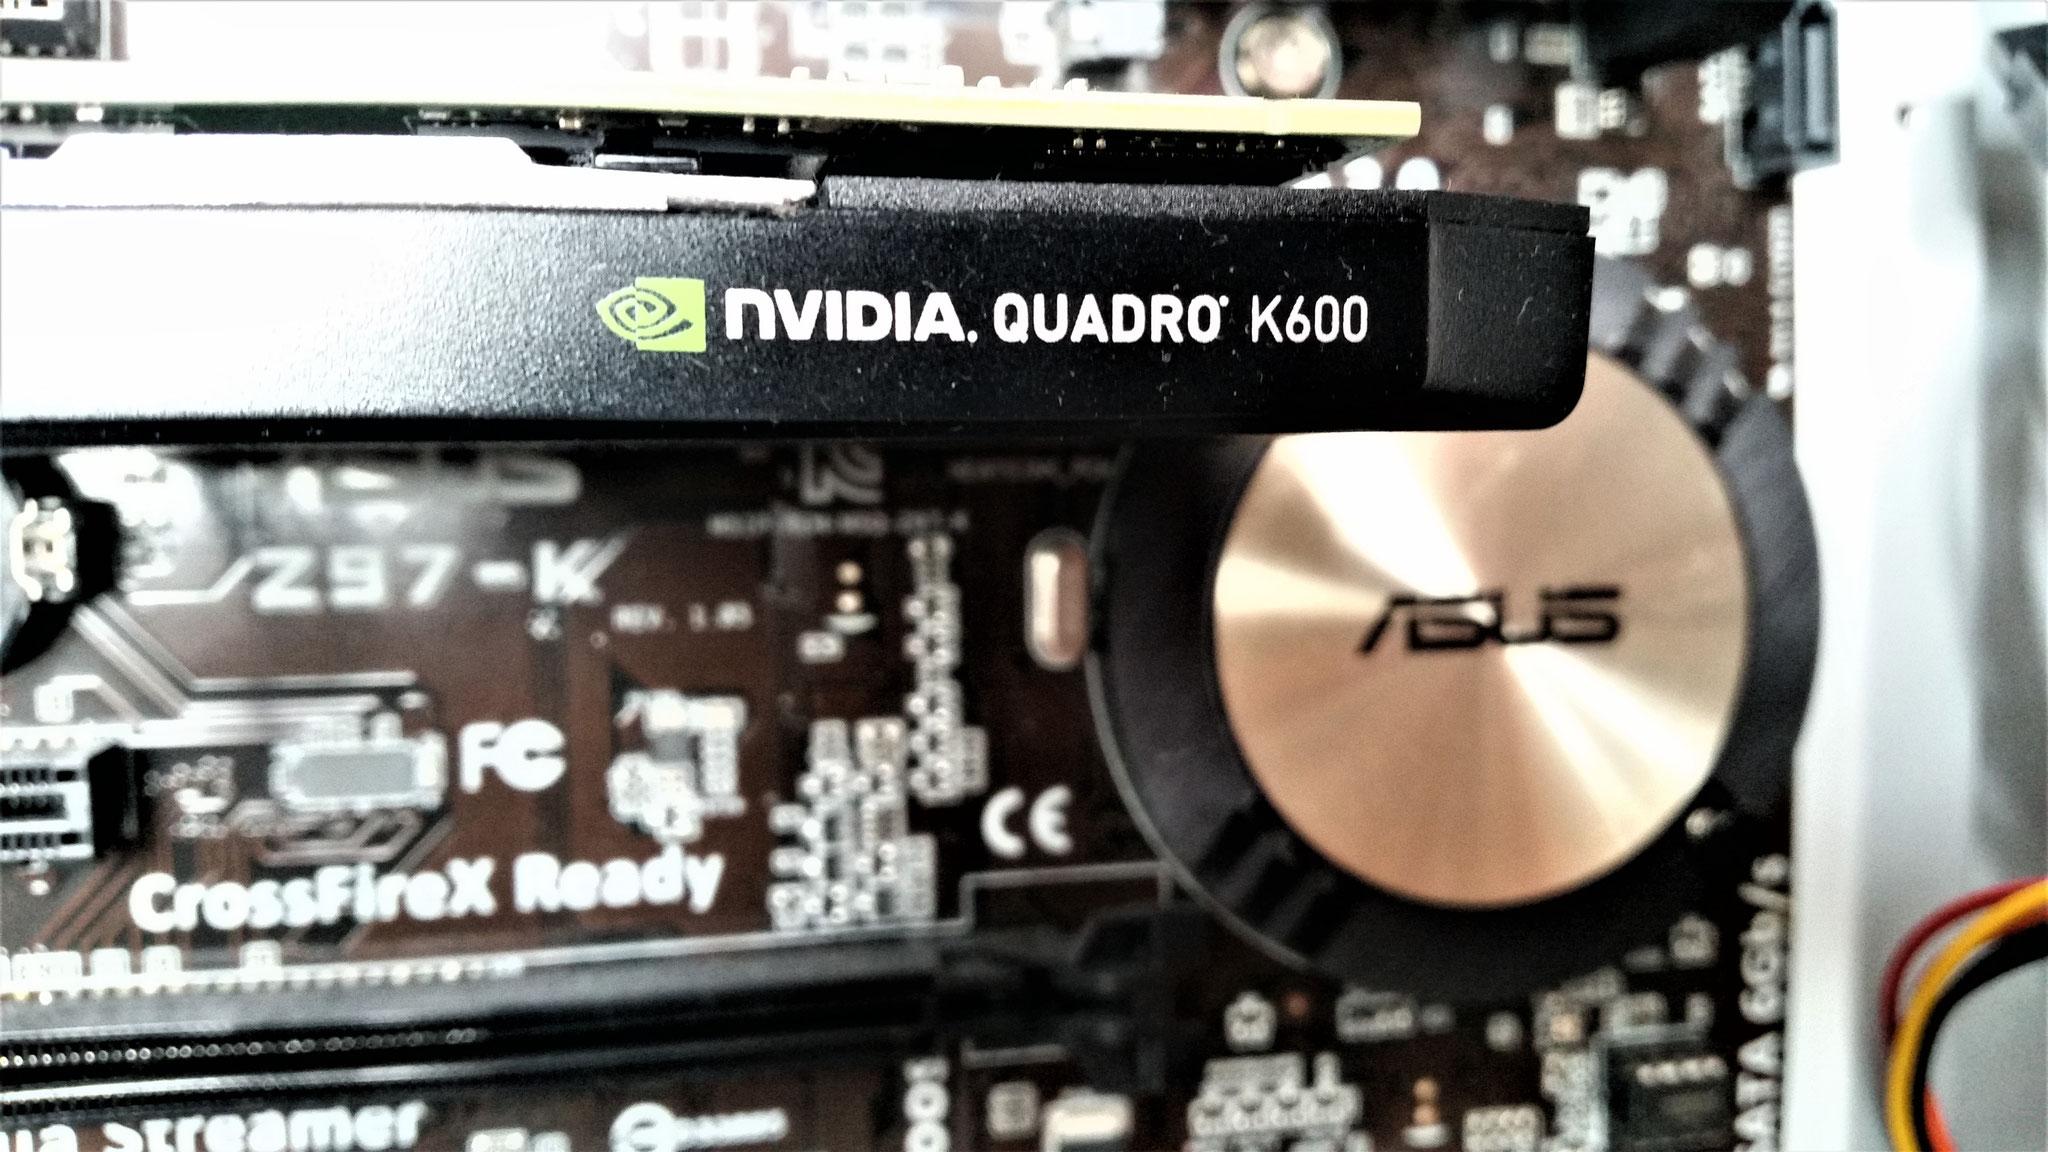 NVIDIA Quadro ist der De-facto-Standard für professionelle Grafikdesigner und wissenschaftliche Digitalkünstler.